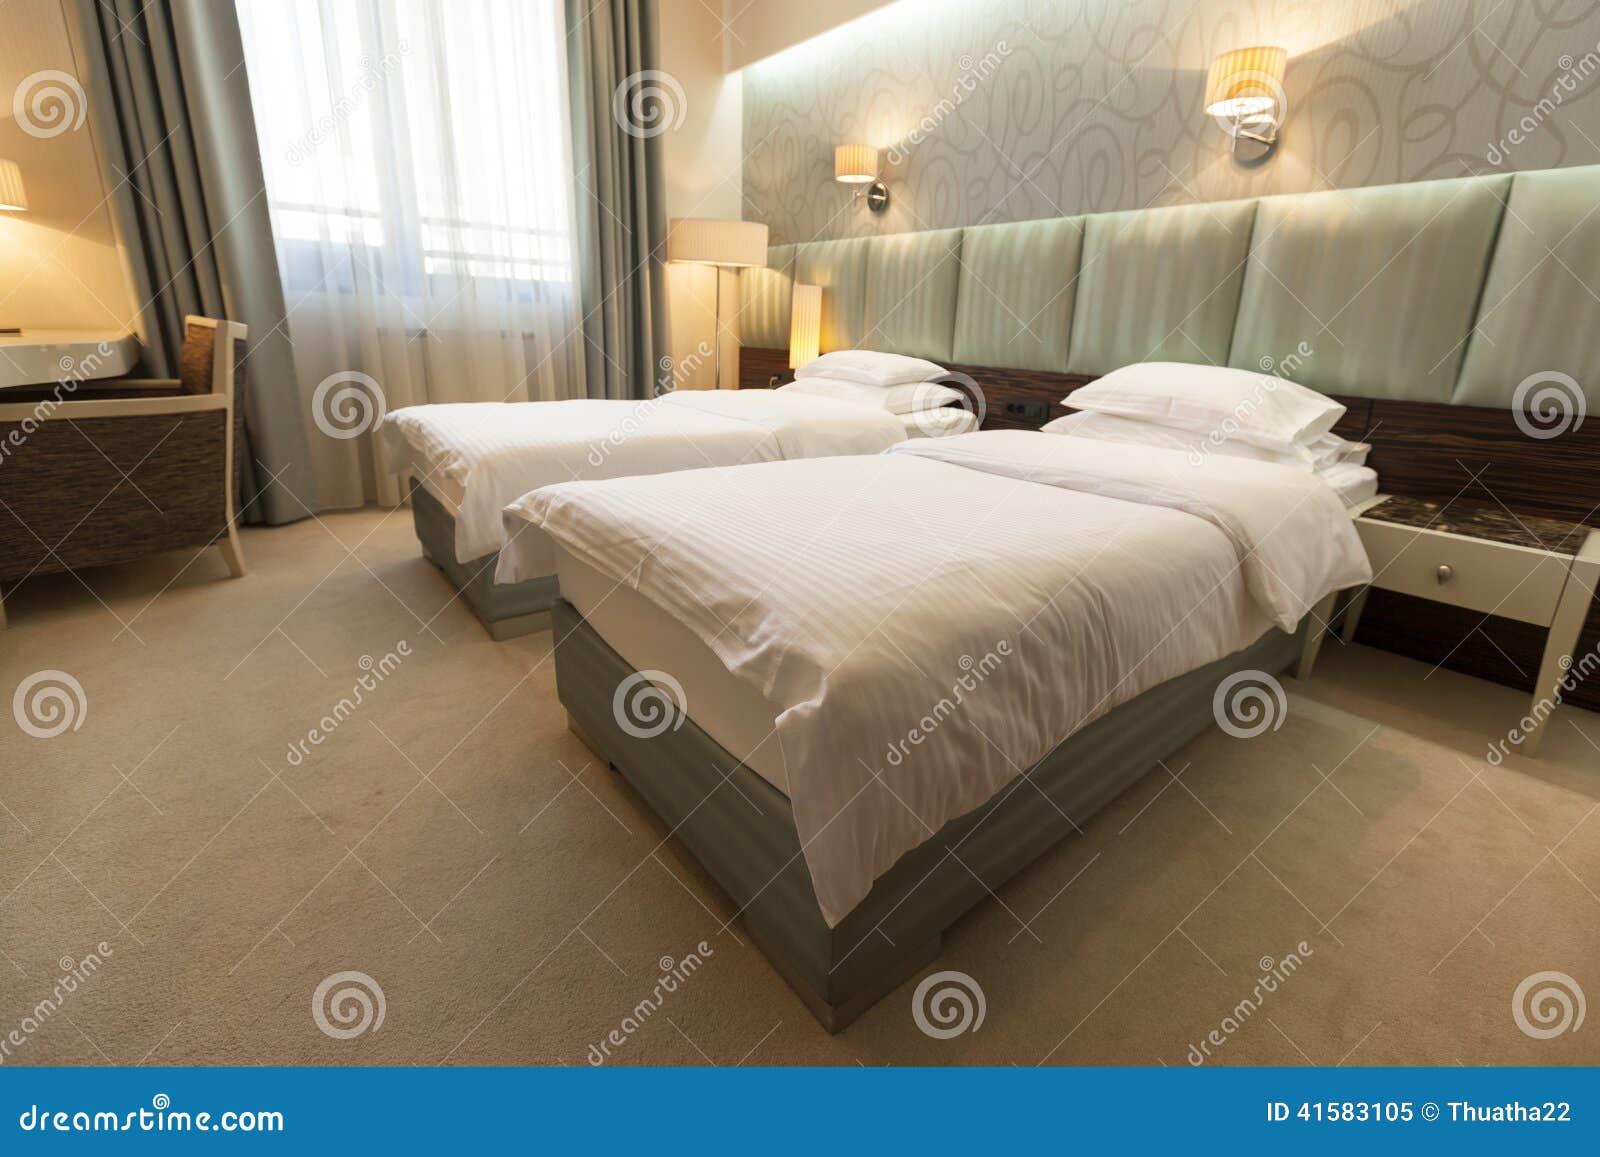 Int rieur de chambre coucher de double lit photo stock for Interieur chambre a coucher